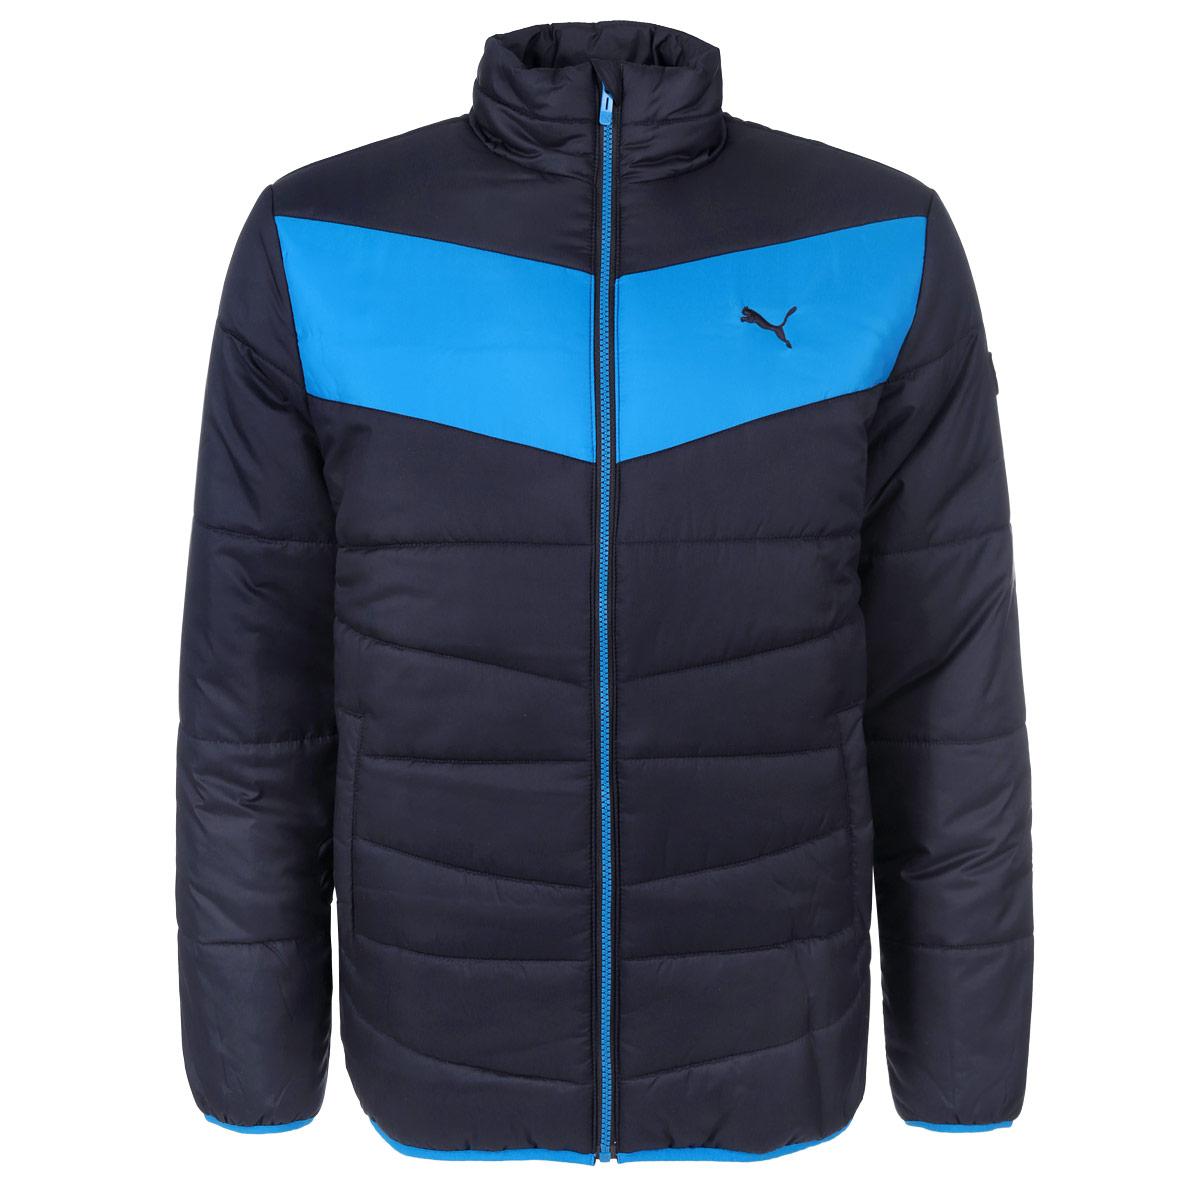 Куртка мужская ESS Padded83380608Стильная мужская куртка Puma ESS Padded отлично подойдет для прохладной погоды. Модель прямого кроя с длинными рукавами и воротником-стойкой выполнена из высококачественного материала и застегивается на застежку-молнию. Изделие дополнено двумя втачными карманами спереди, и одним тайным карманом, расположенным на изнаночной стороне. Манжеты рукавов и низ куртки оснащены узкими эластичными резинками. Эта модная и в то же время комфортная куртка - отличный вариант для уверенного в себе мужчины!